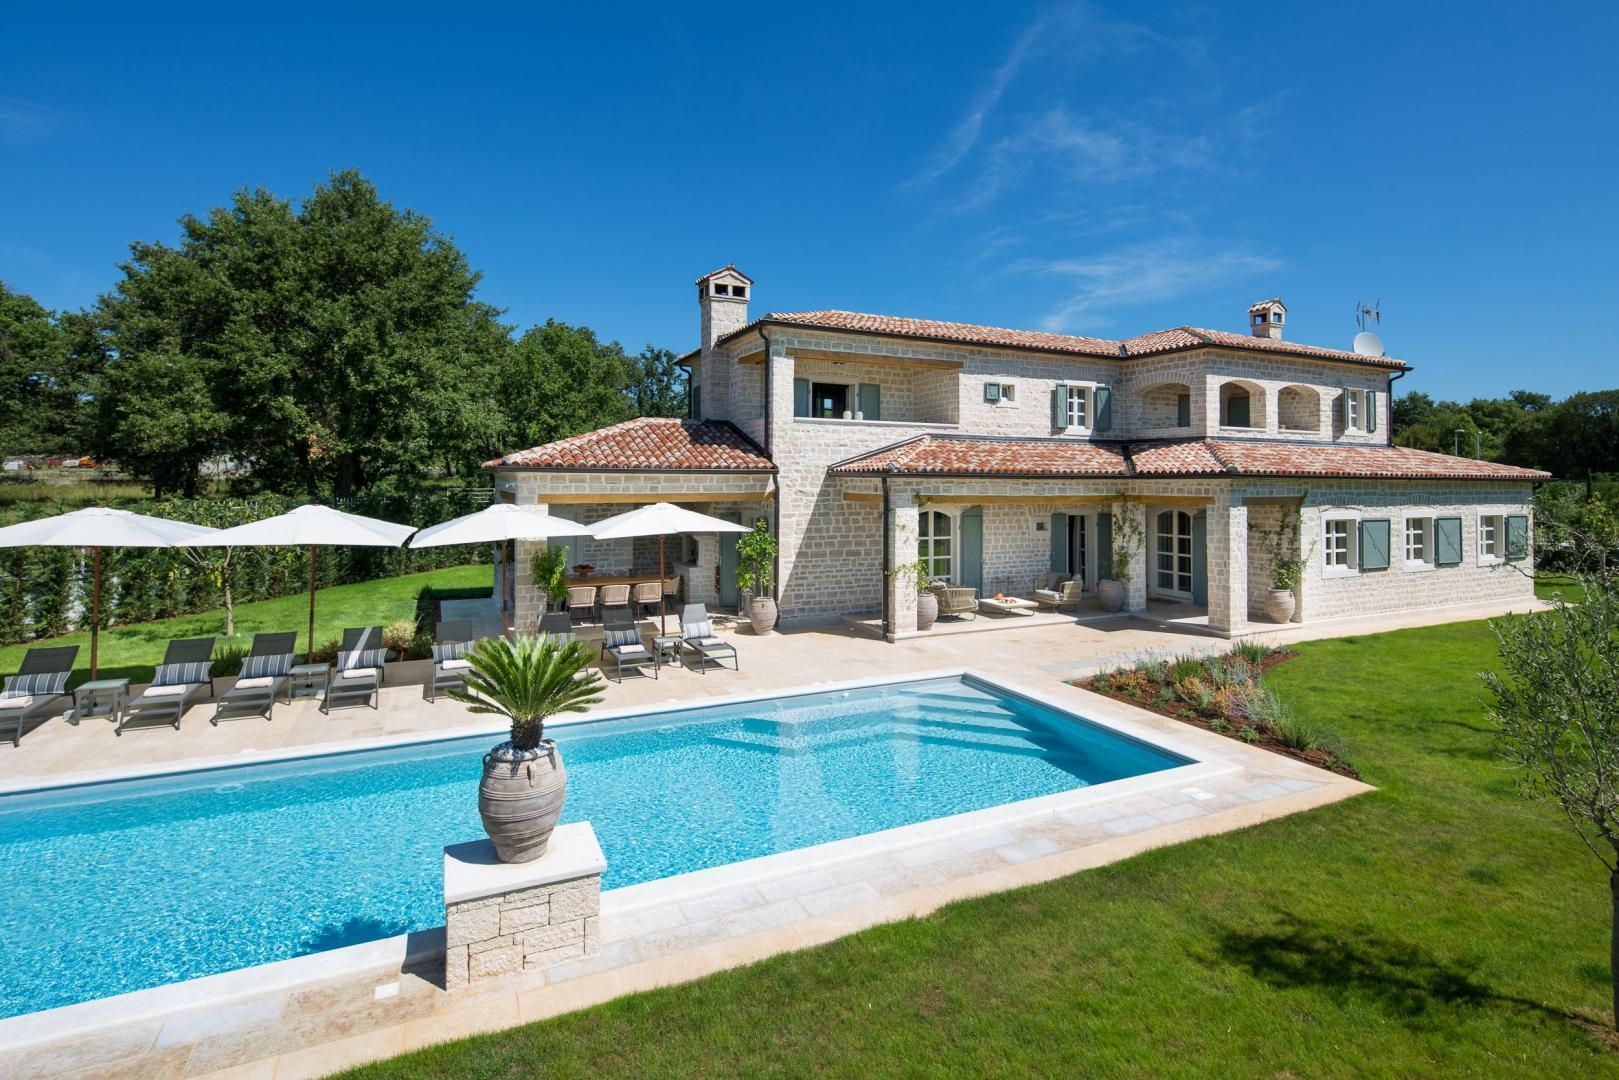 Luksuzna kamena vila u srcu Istre - Villa Nevia